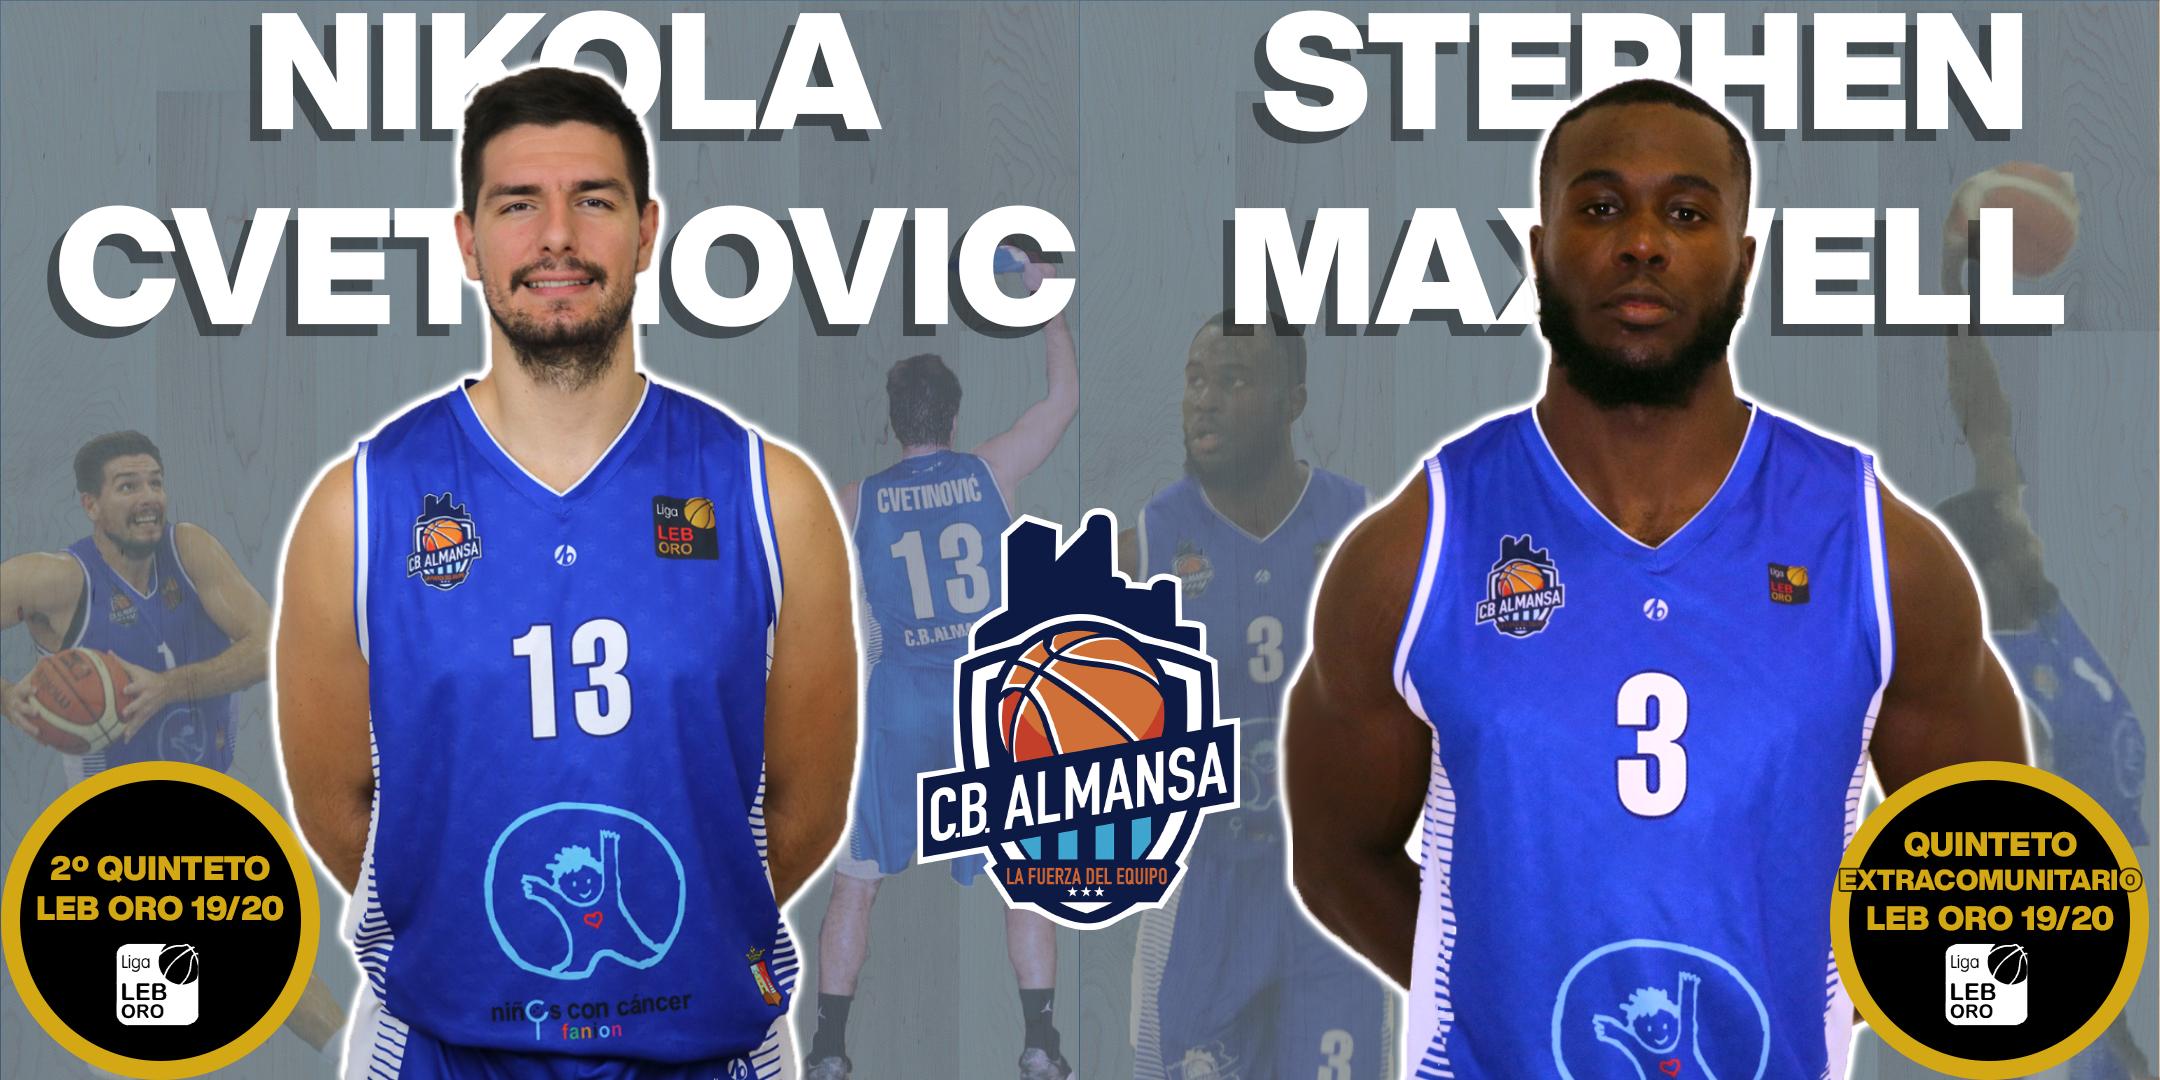 Cvetinovic y Maxwell, premiados en Eurobasket.com